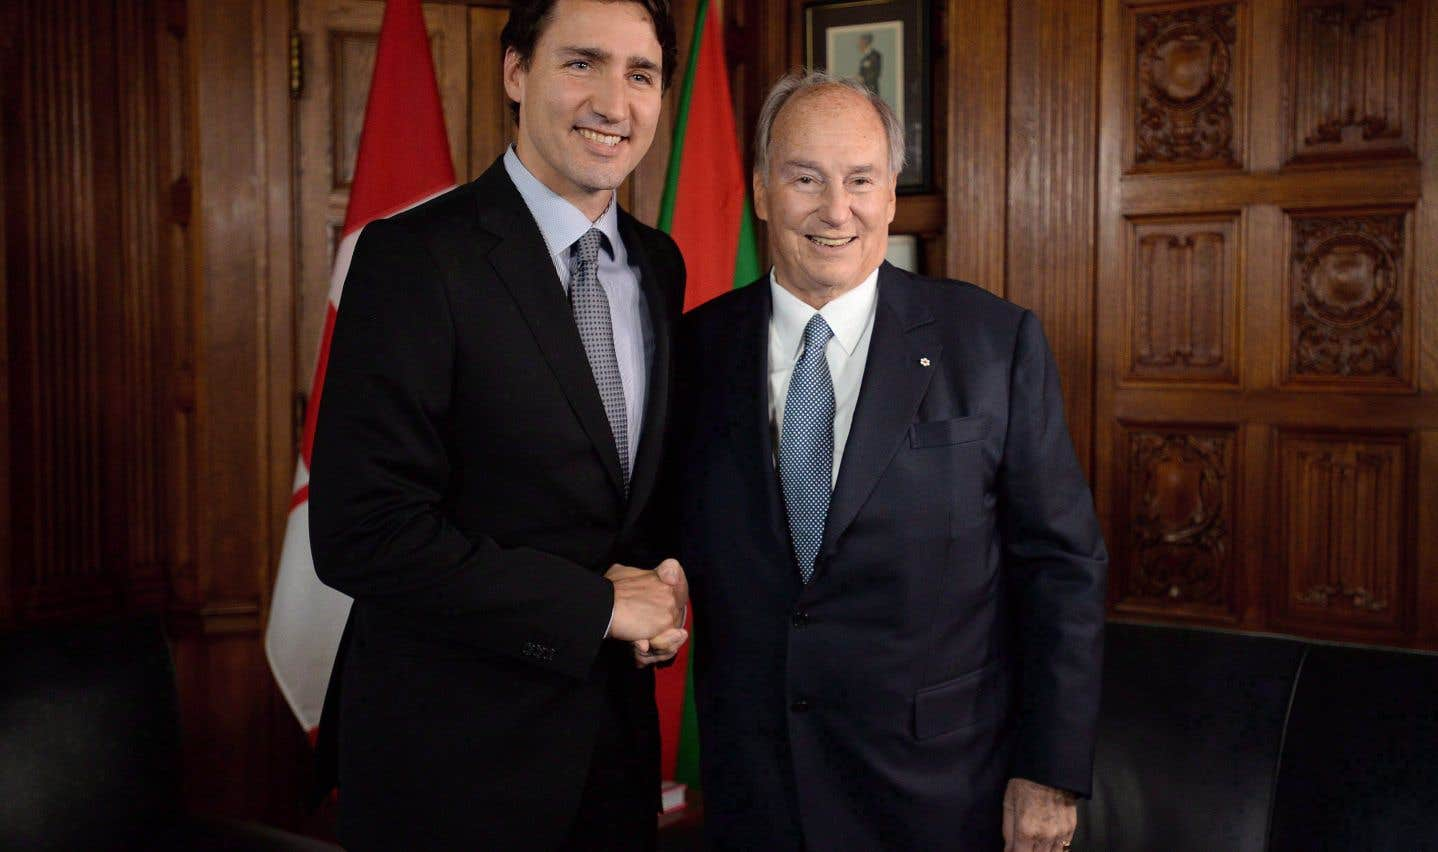 Vacances chez l'Aga Khan: Justin Trudeau était en conflit d'intérêts